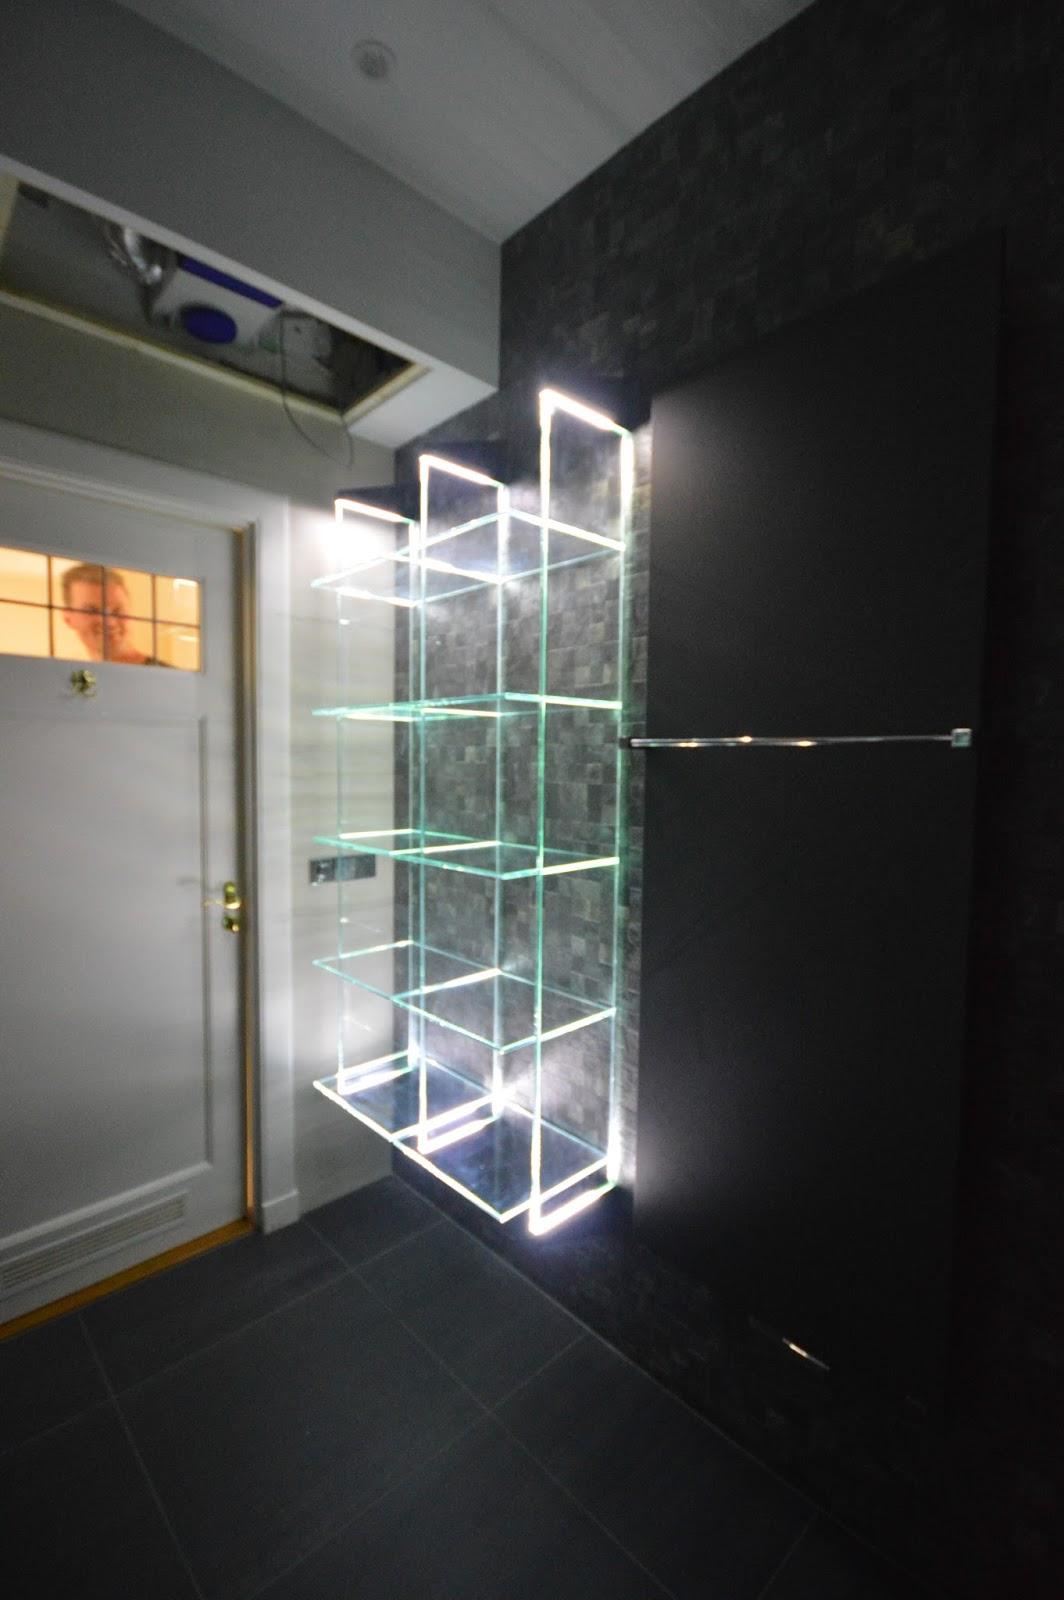 Glazen Plankjes Voor Aan De Muur.Glazen Plank Glazen Spatwand Met Volledige Ledverlichting Keukenglas